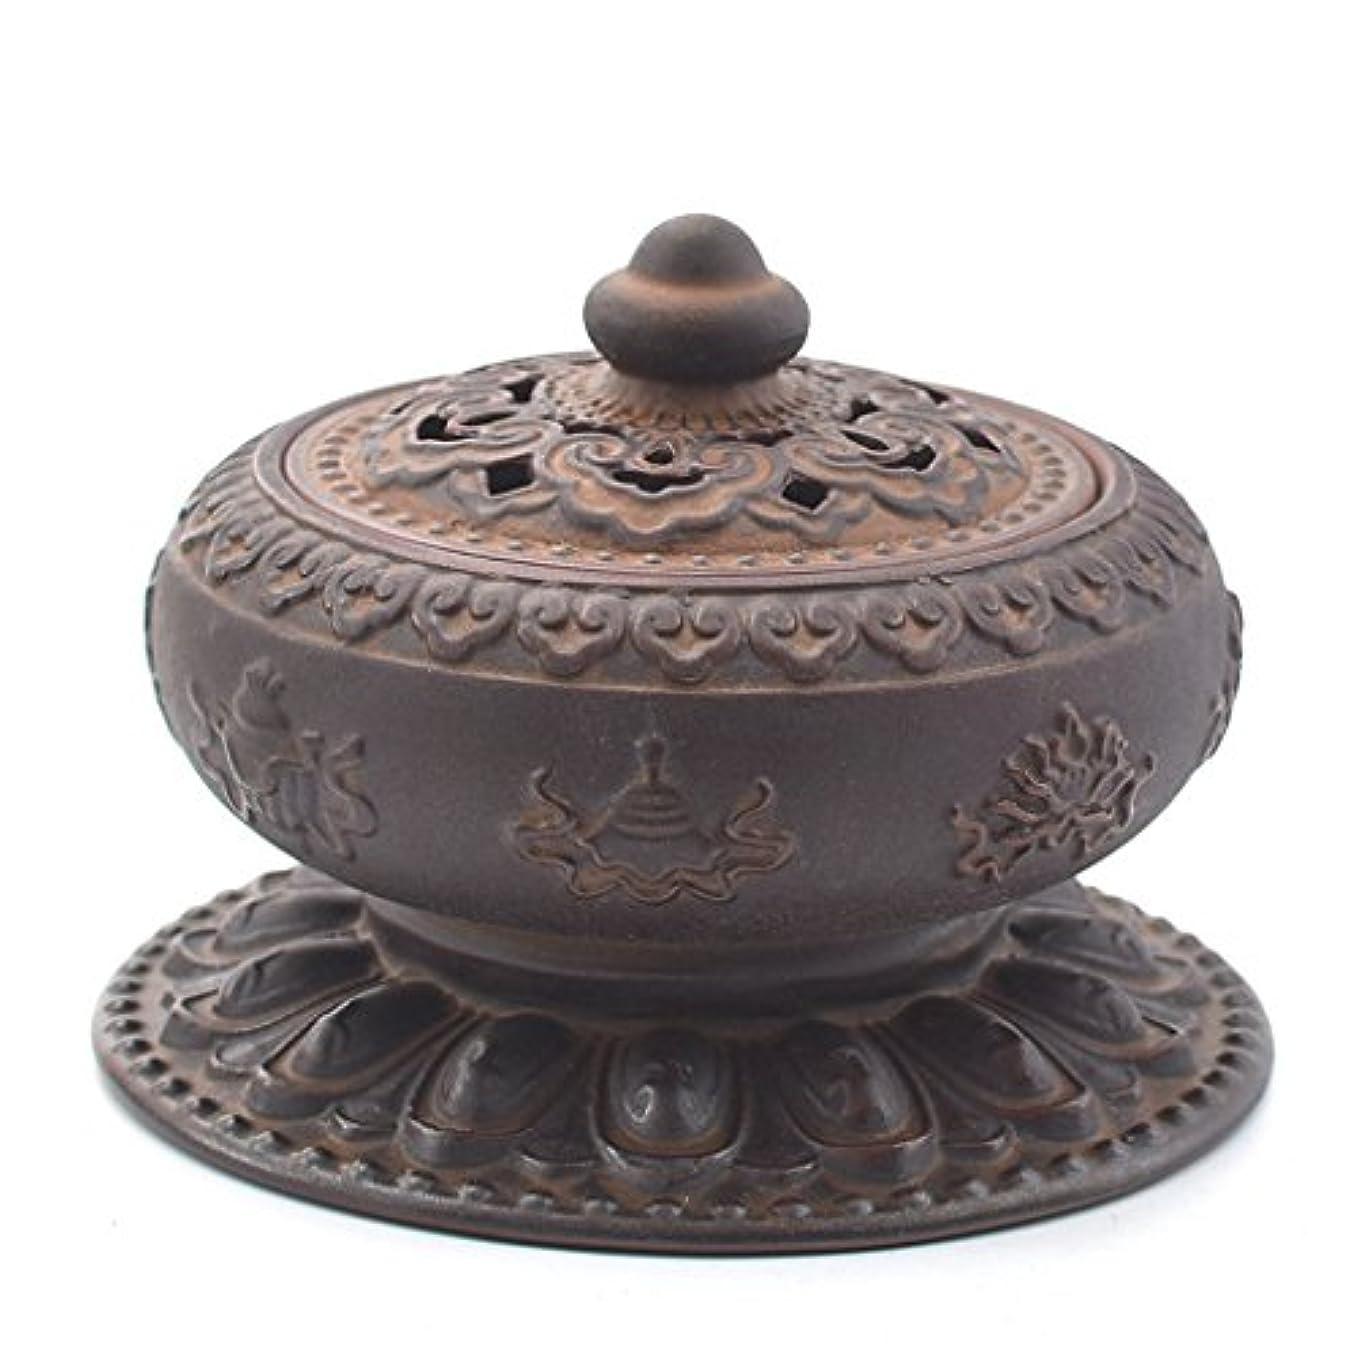 クレーンスタンド行く(ラシューバー) Lasuiveur 香炉 線香立て 香立て 職人さんの手作り 茶道用品 おしゃれ